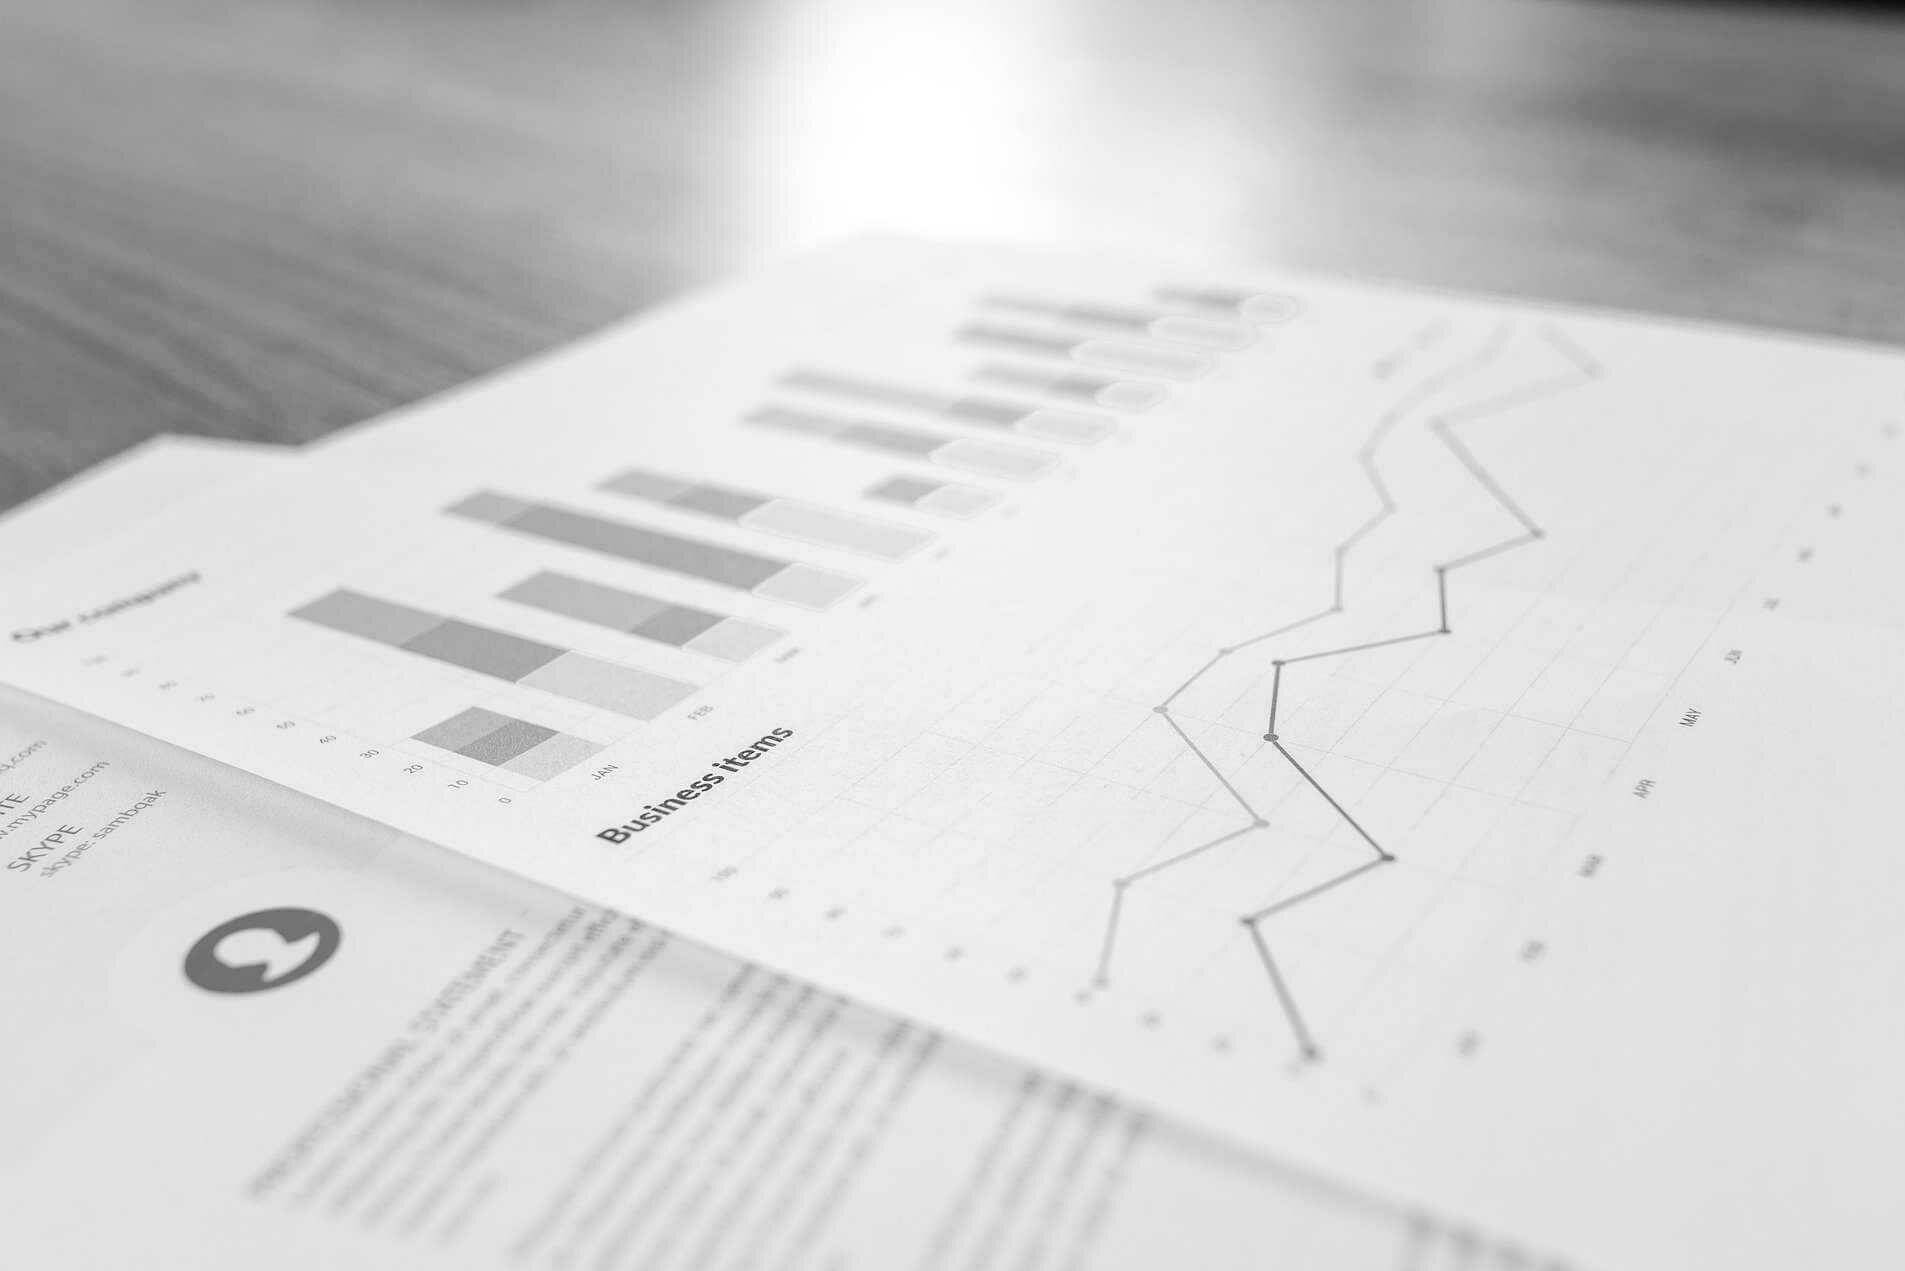 Papiere als Symbolbild für Berichte und Evaluationen